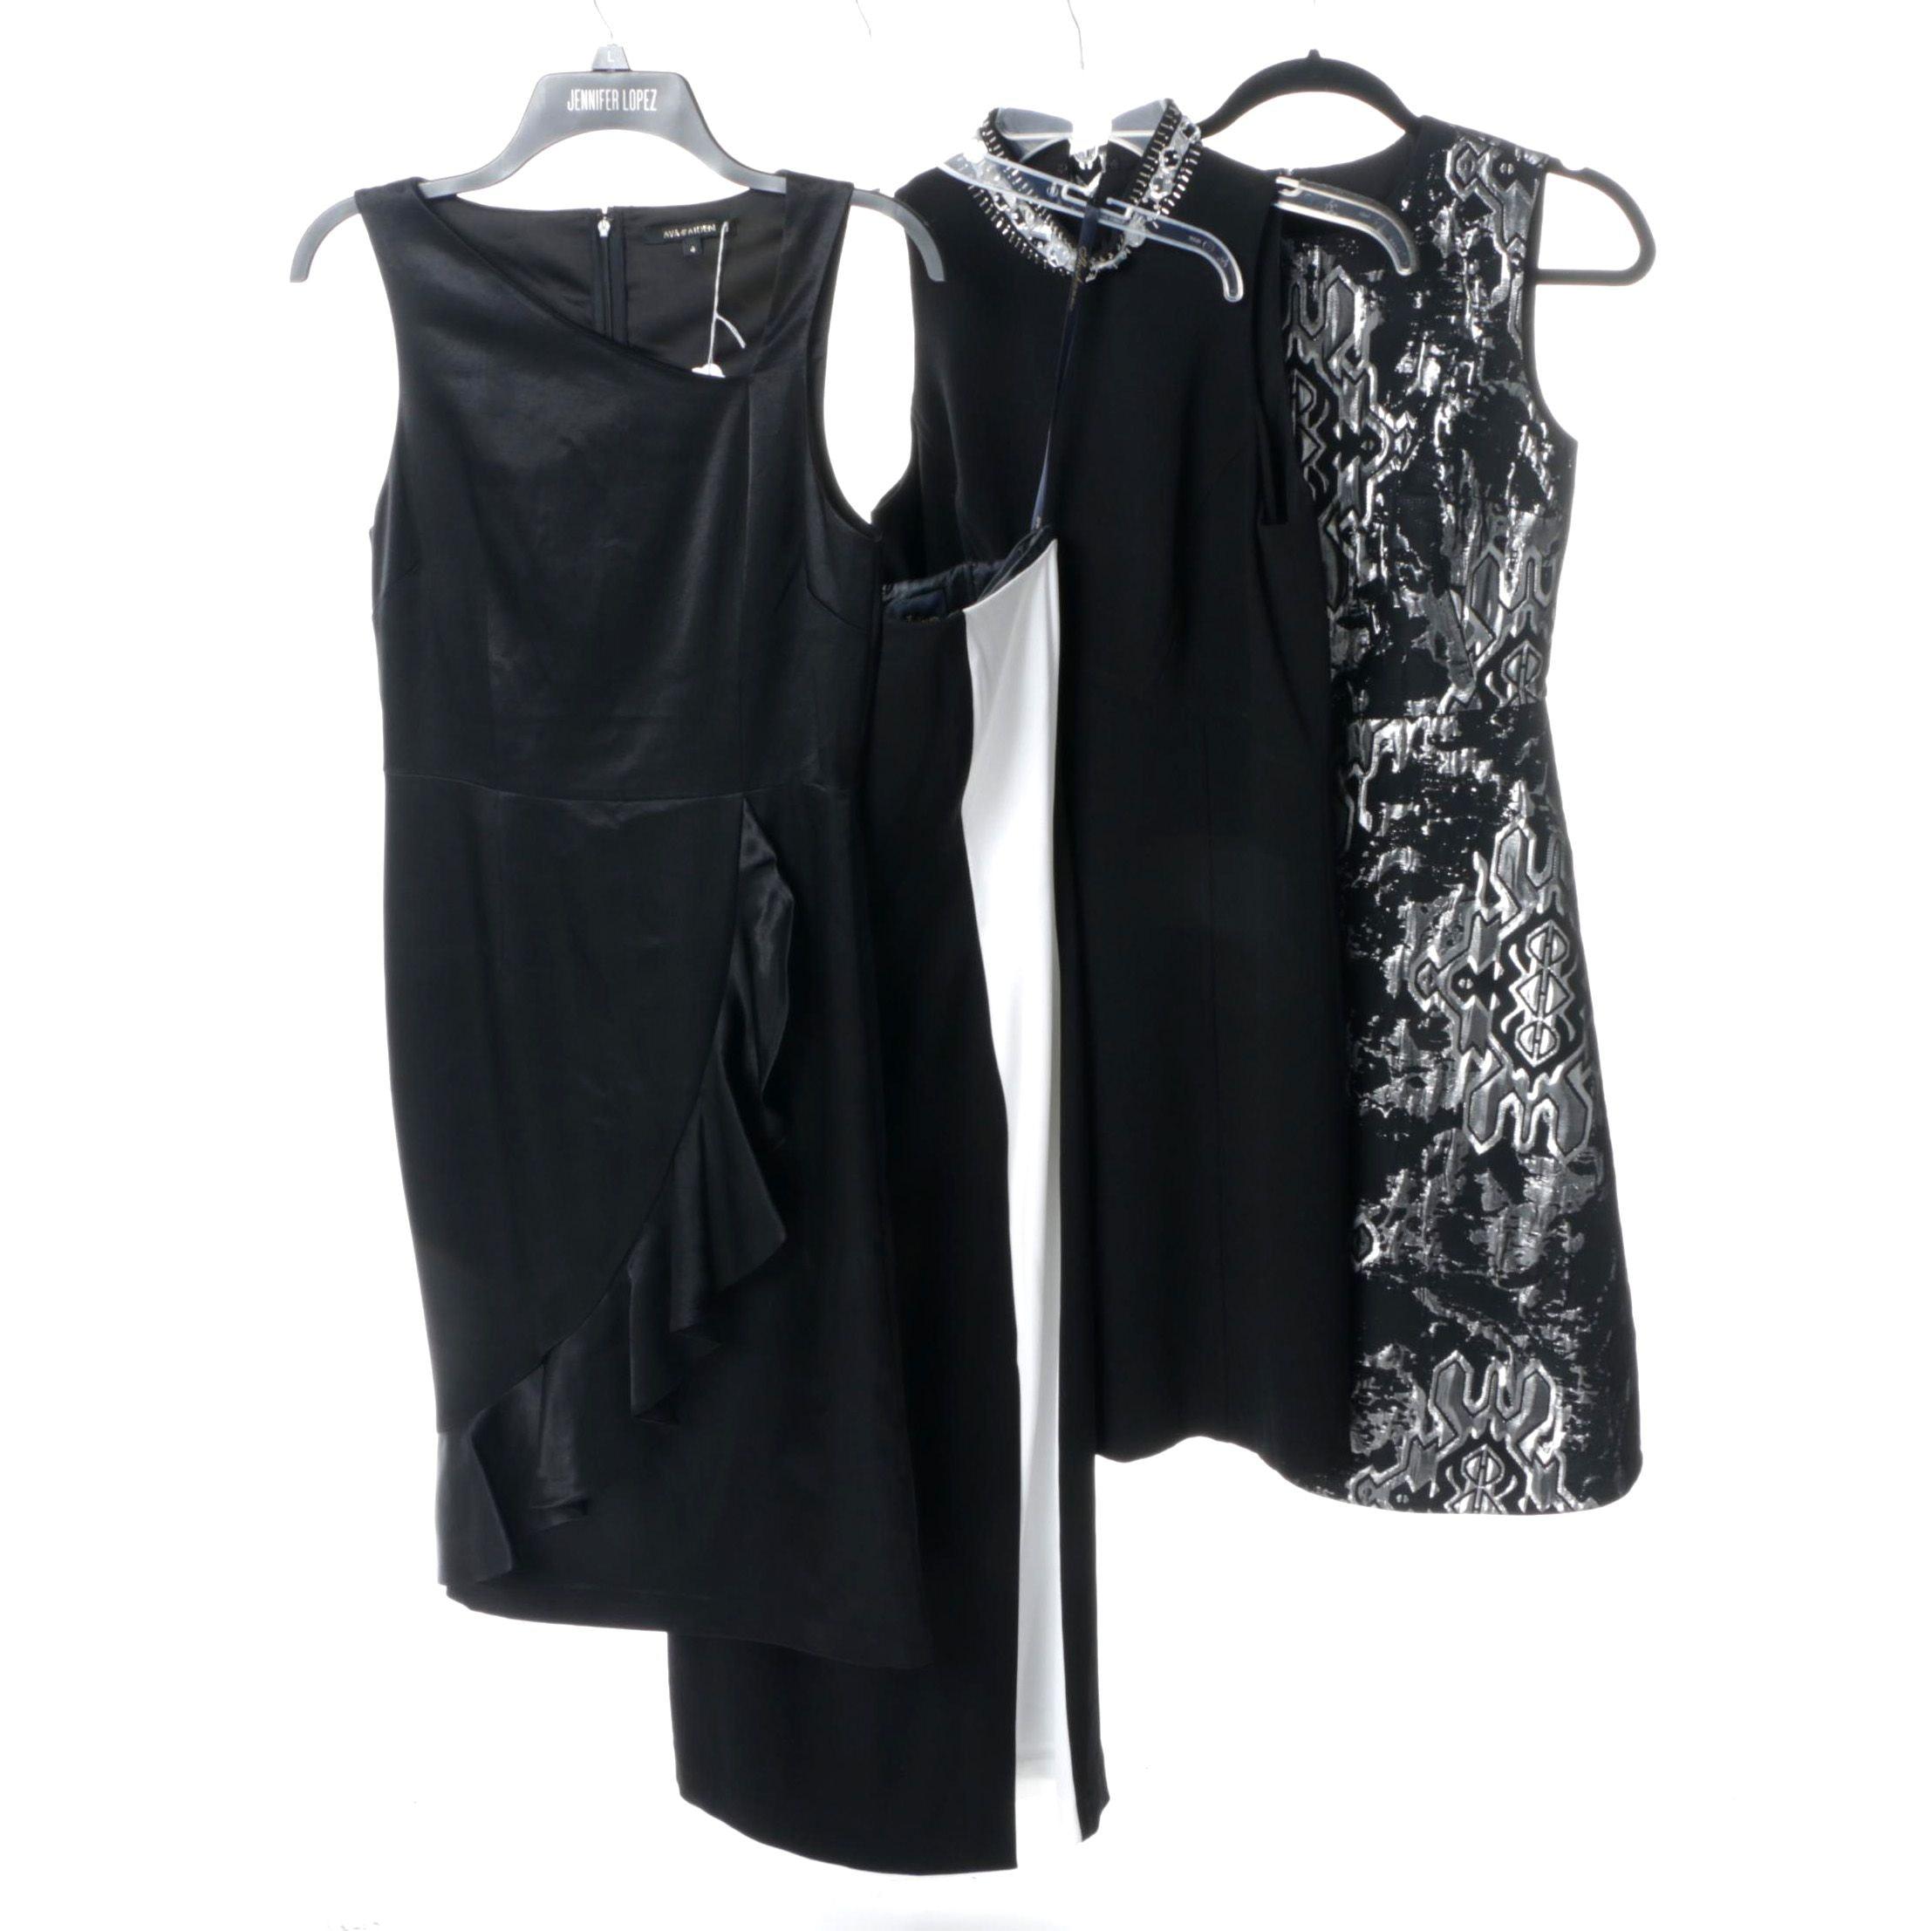 Black Cocktail Dresses Including Vivenne Tam